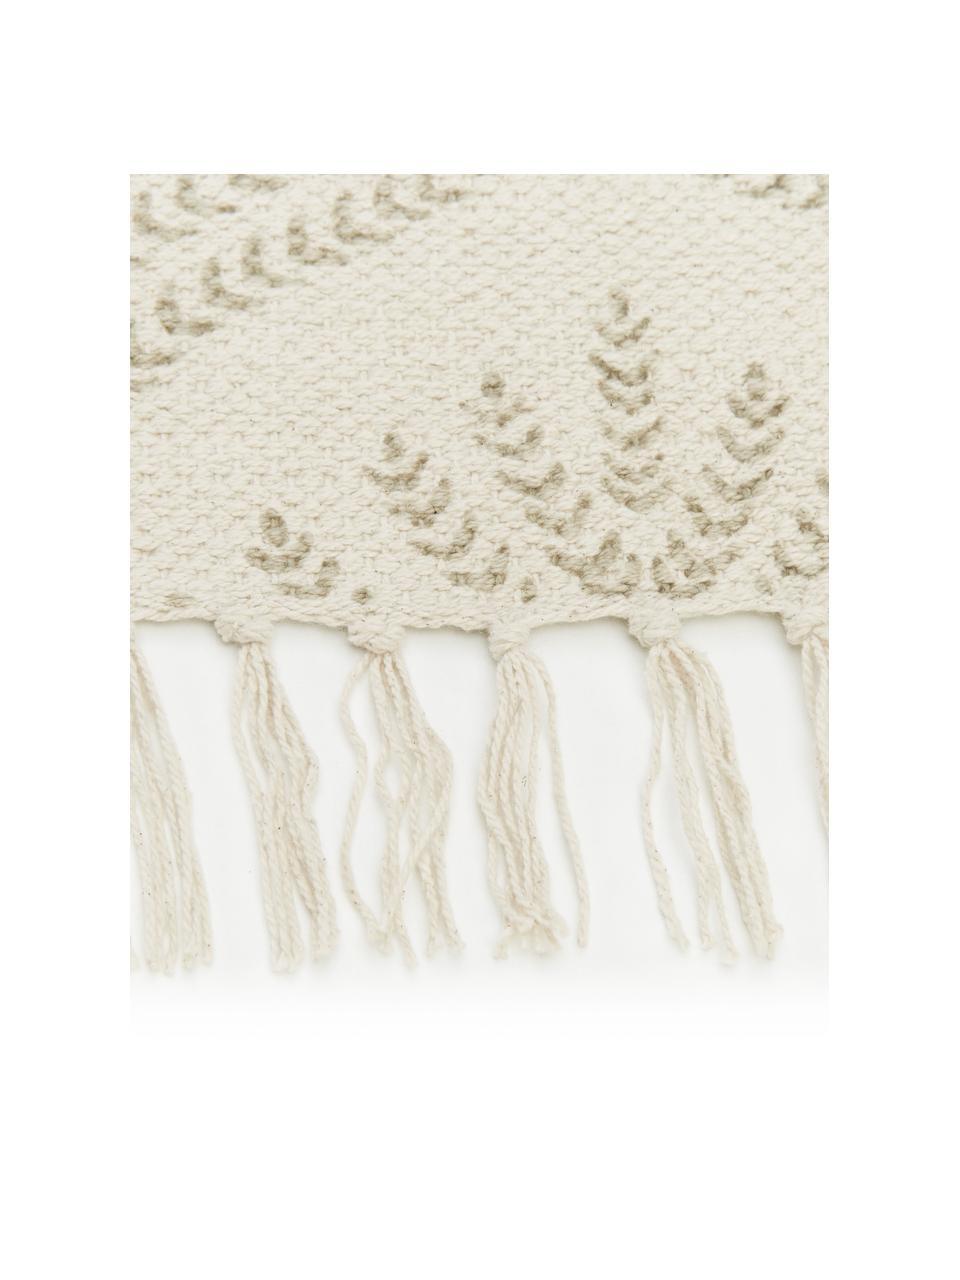 Tappeto in cotone beige/taupe tessuto piatto con frange Klara, Beige, Larg. 70 x Lung. 140 cm (taglia XS)